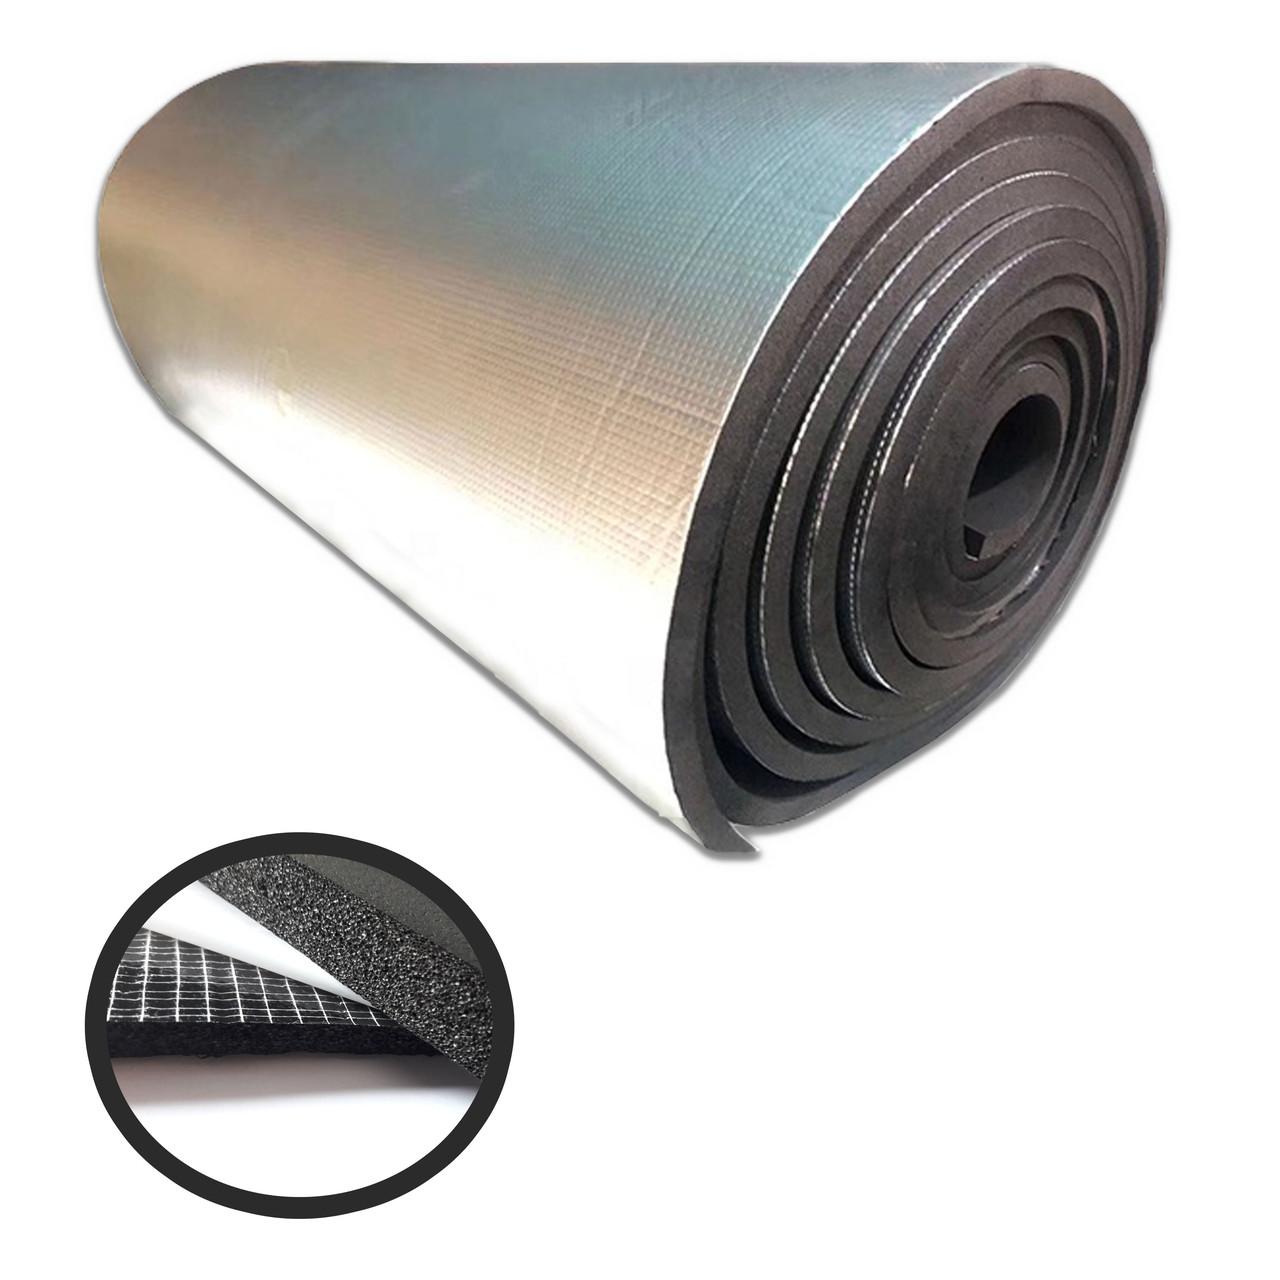 Вспененный каучук 9 мм самоклеющийся фольгированный (утеплитель, шумоизоляция)